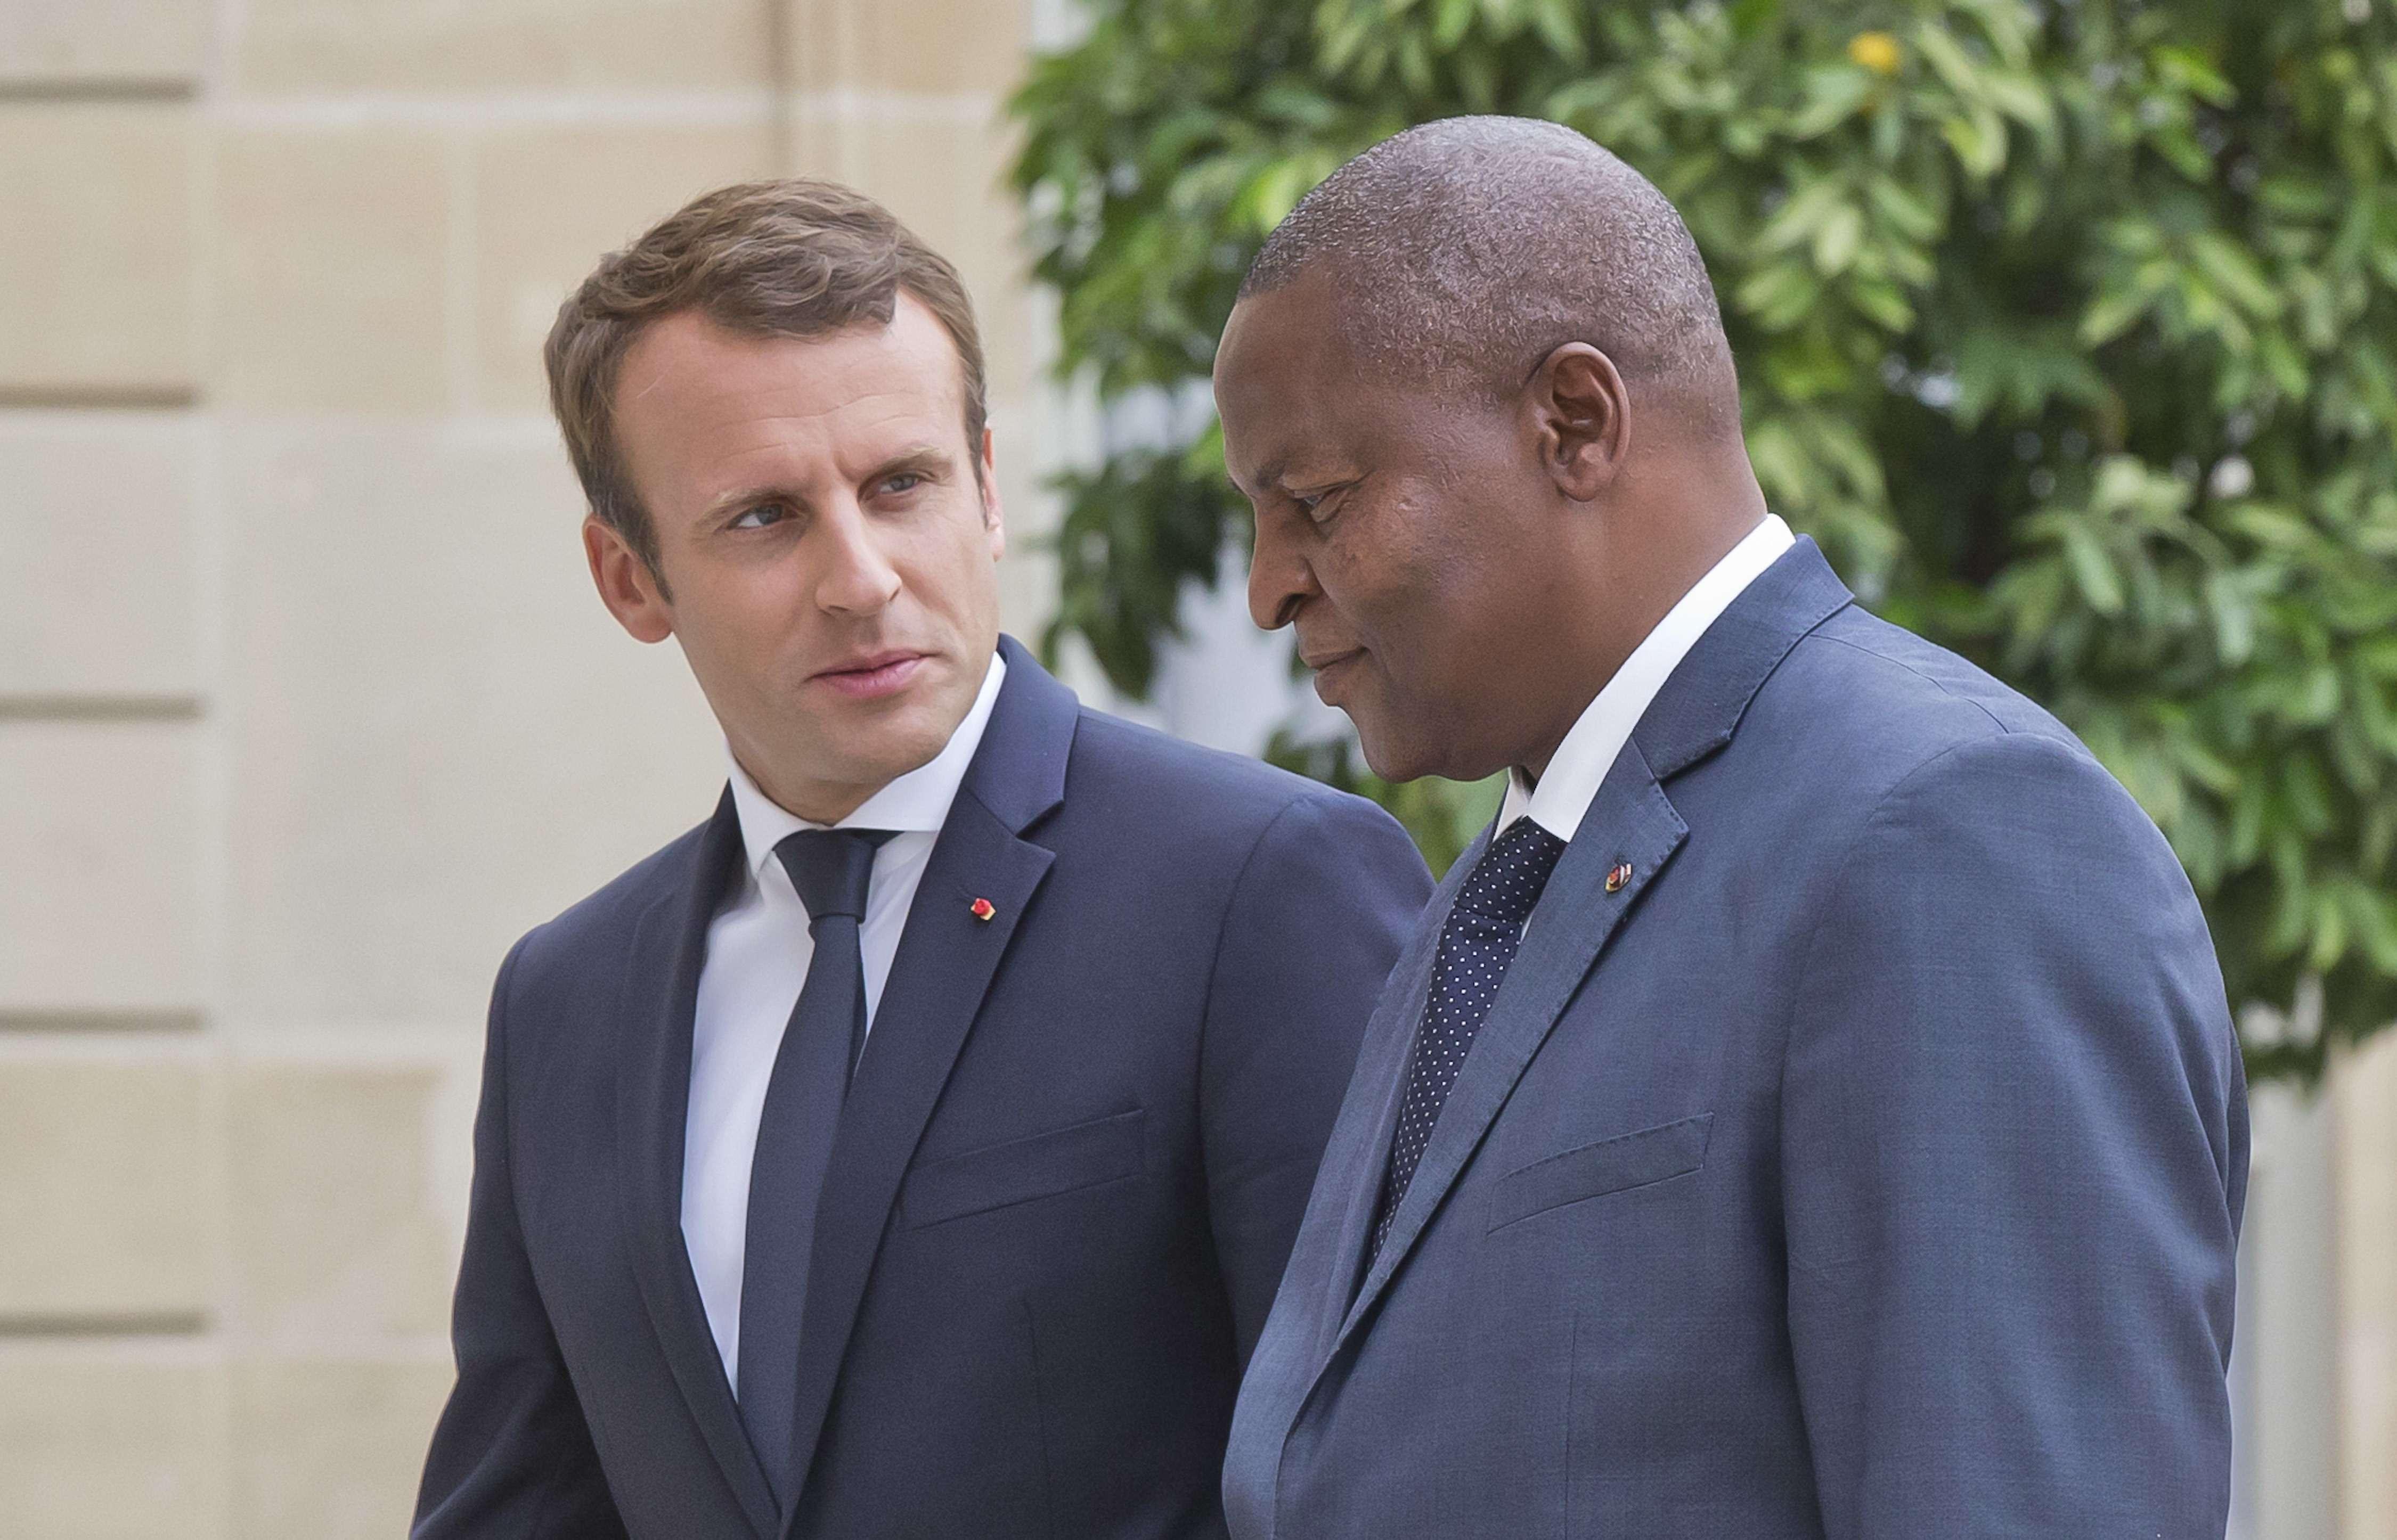 Emmanuel Macron et Faustin Archange Touadéra, lors d'une rencontre à l'Élysée en septembre 2017 (archives).